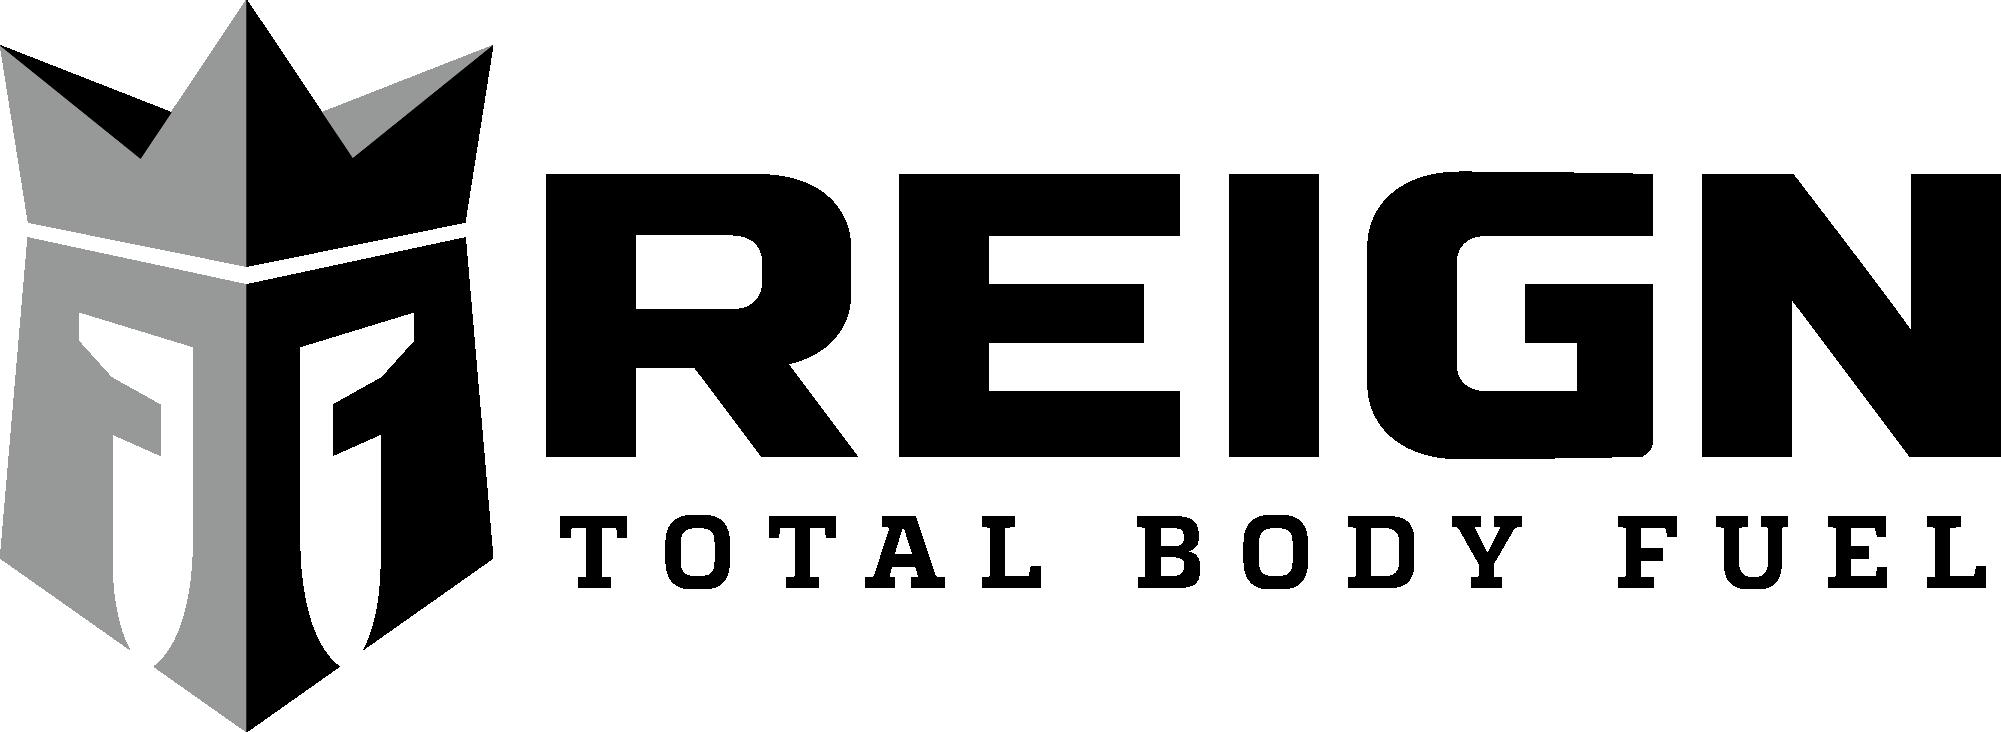 601998516f05f.png